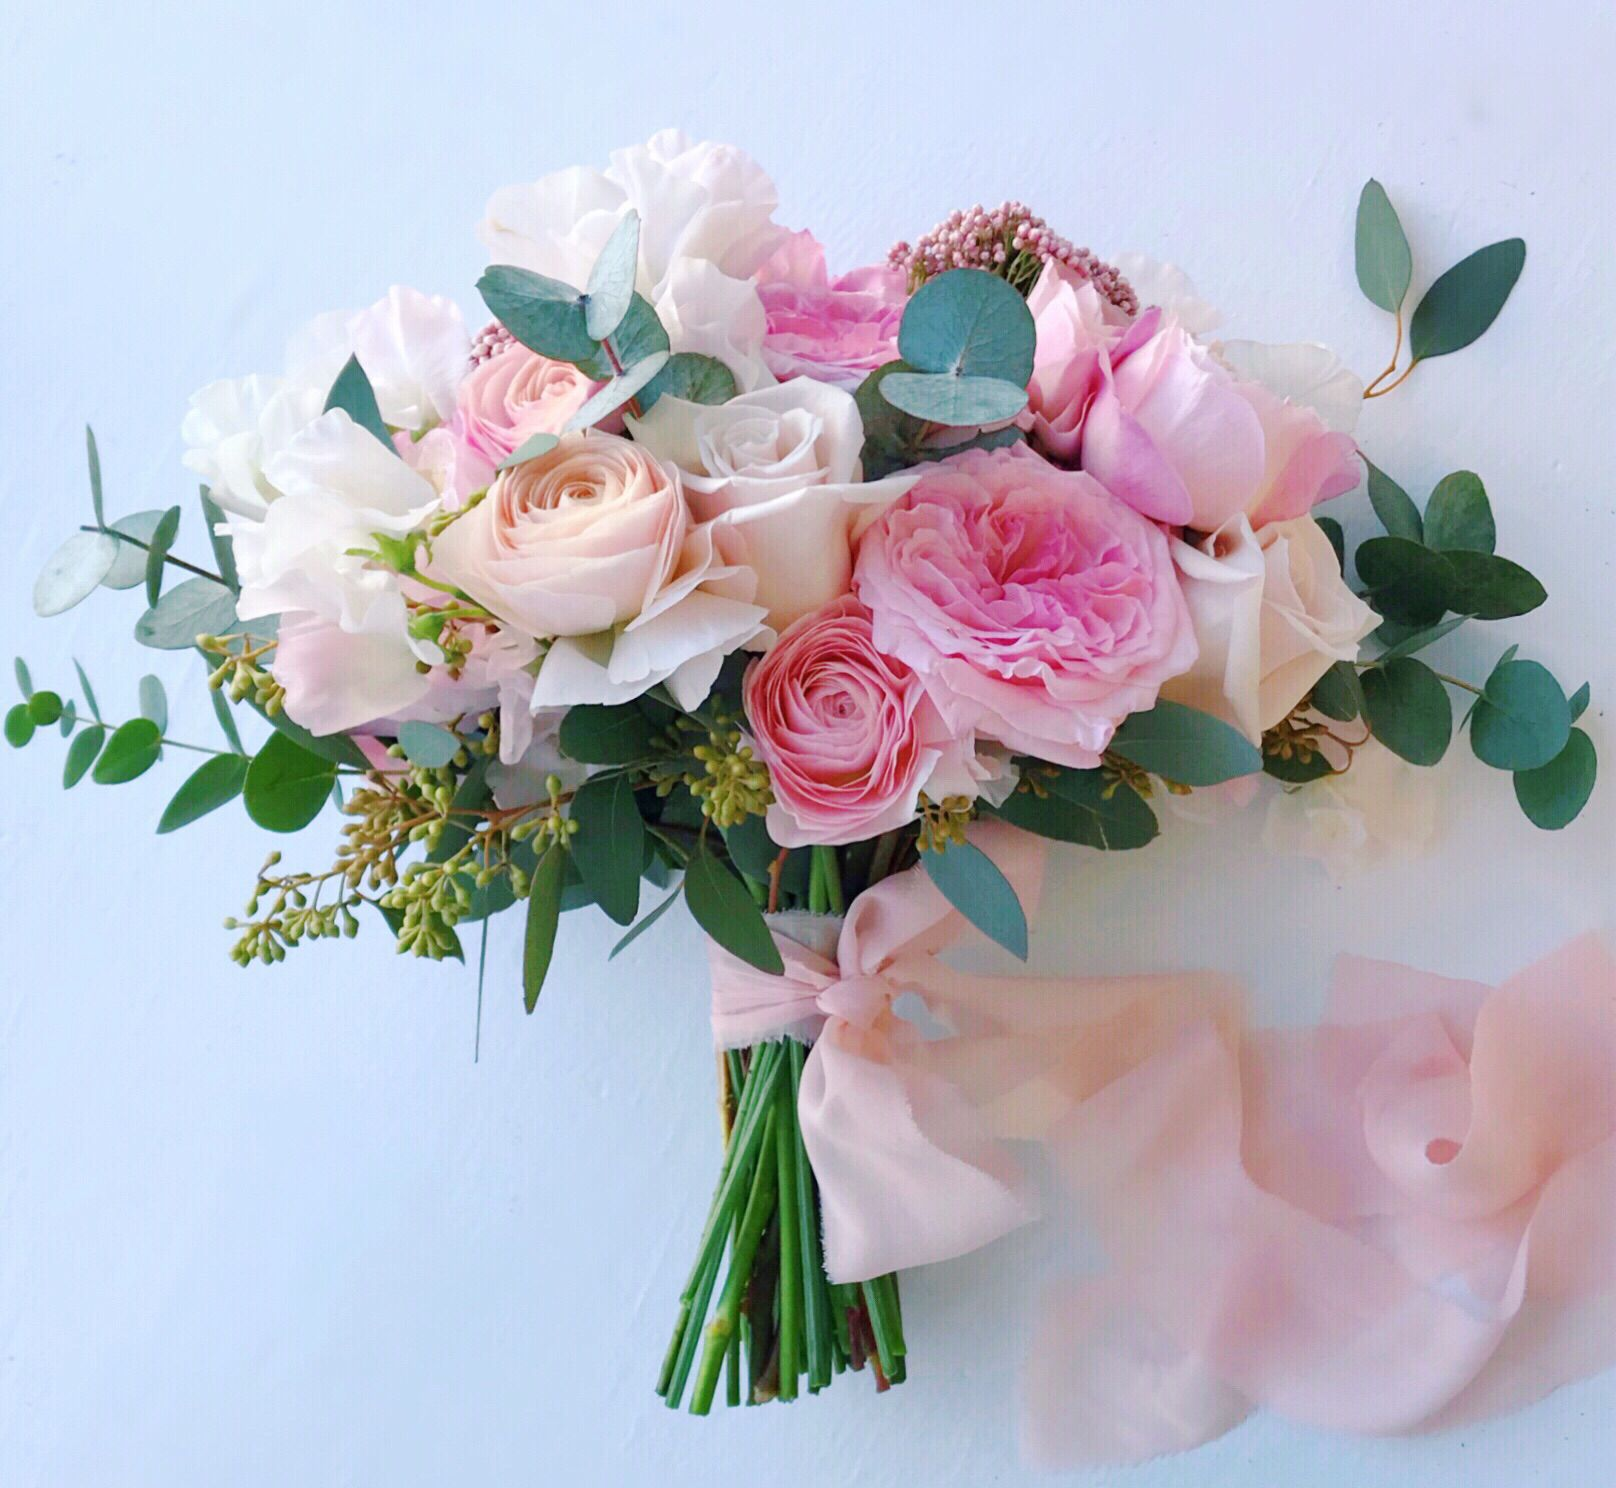 Pink Wedding Bouquet Wedding Bouquets Pink Flower Bouquet Wedding Spring Wedding Flowers